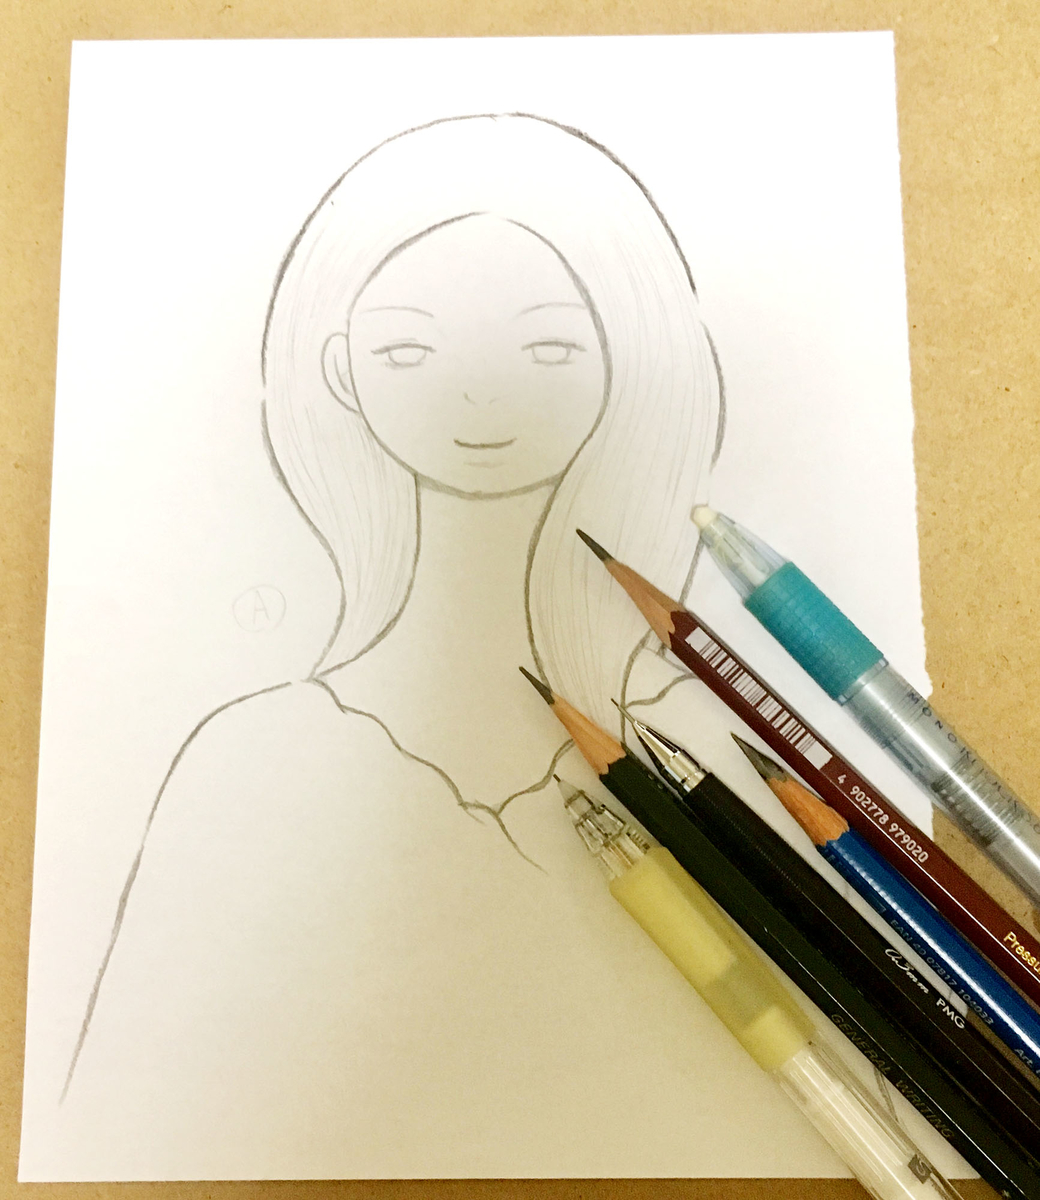 アナログイラスト 女性